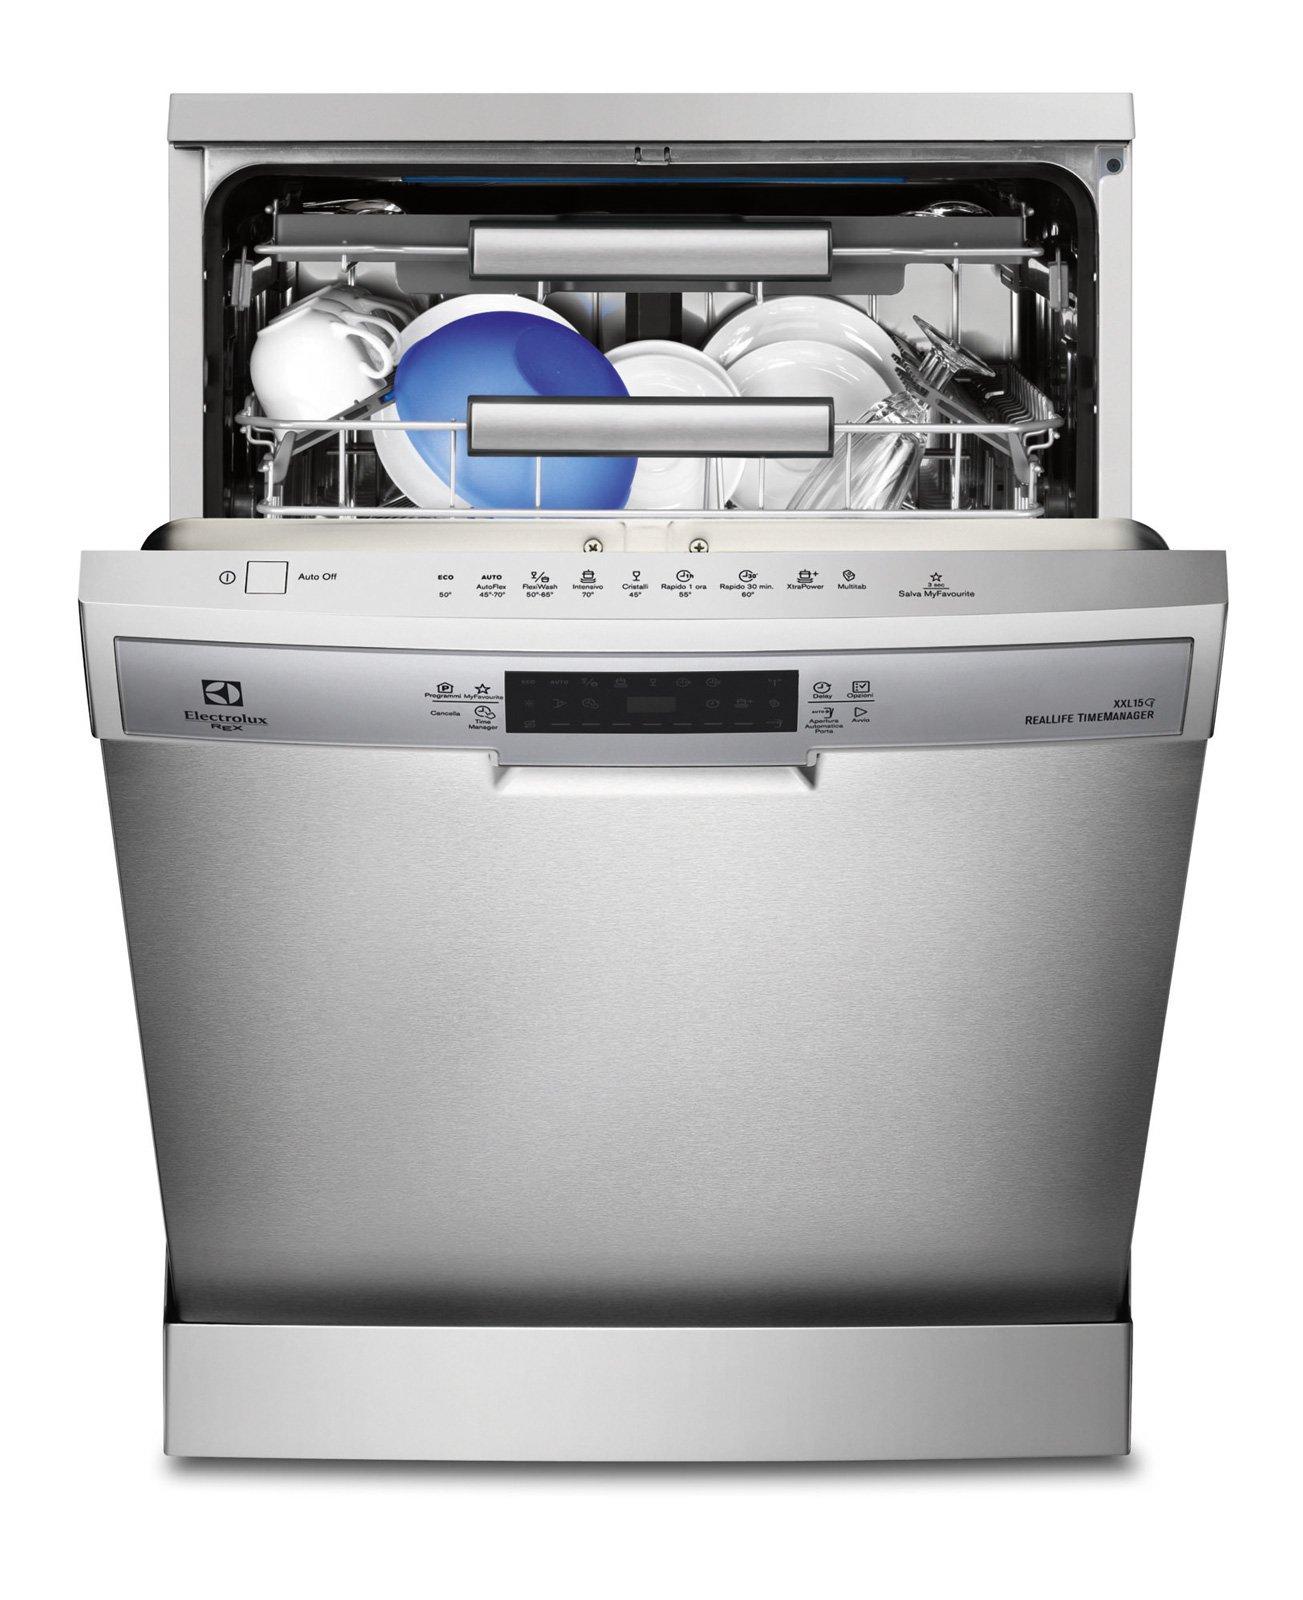 Lavaggio eco lavastoviglie ariston colonna porta lavatrice for Programmi lavastoviglie ariston